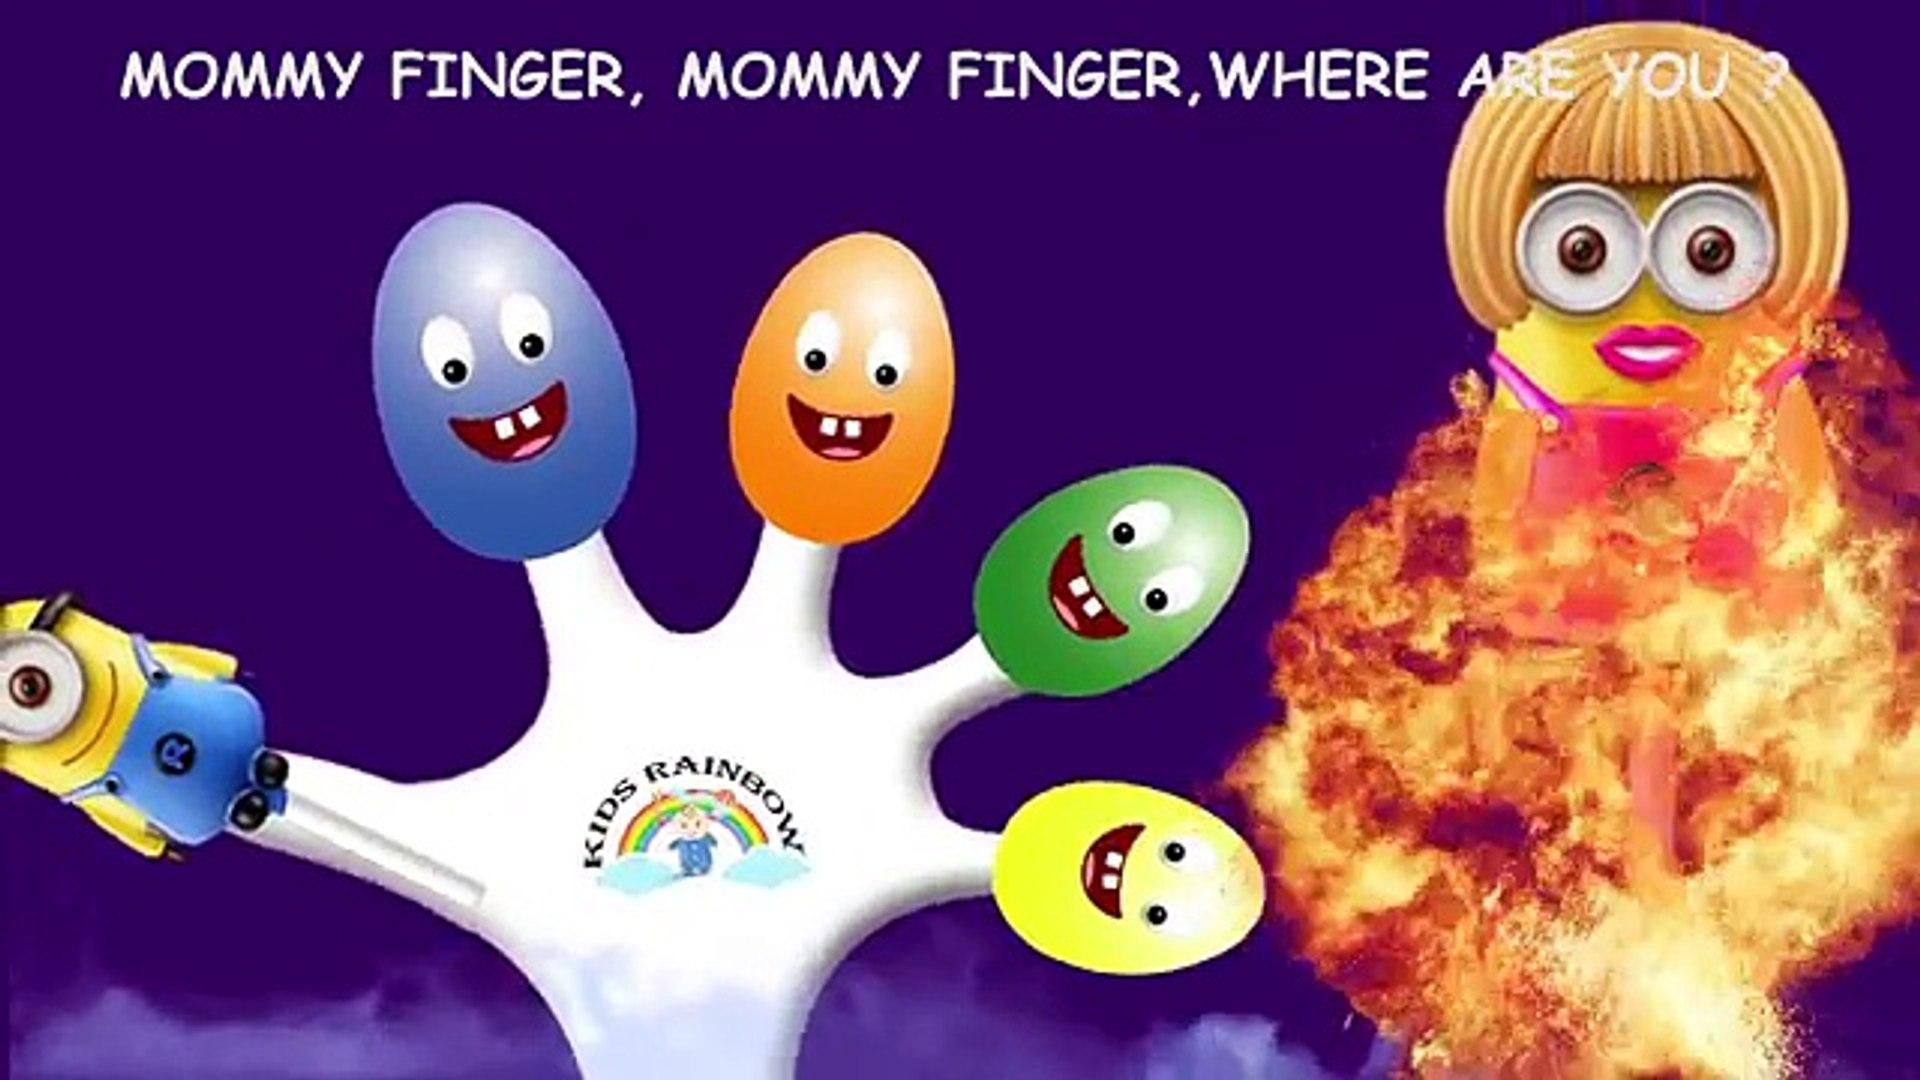 Миньоны банана ворует яйца с сюрпризом в супермаркете полные эпизоды! Палец Семейные Песни Медсестра